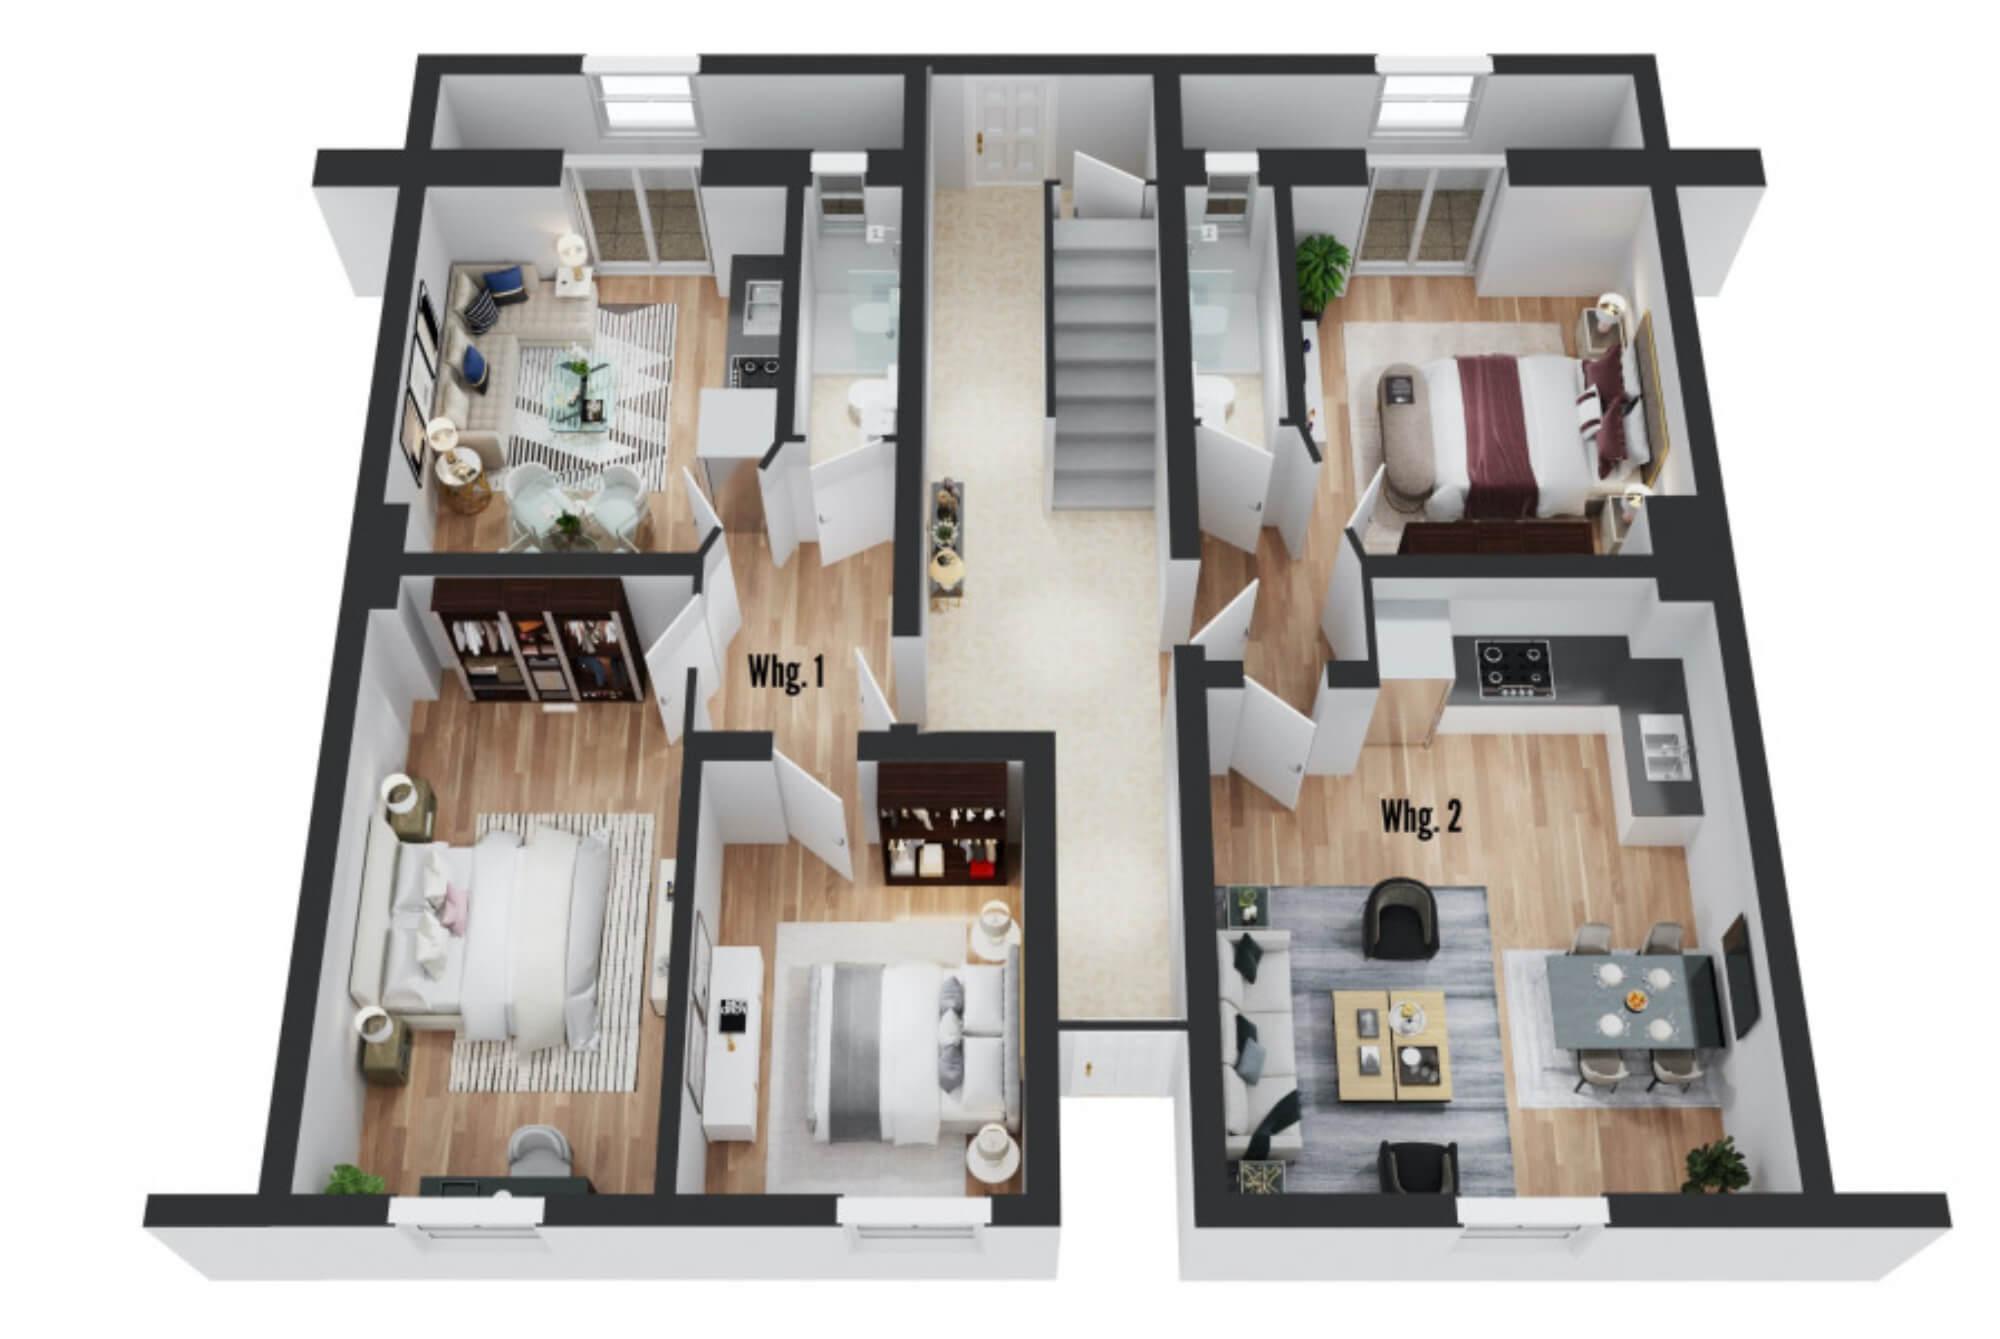 Zuhause ist mein Glücksmoment! Kernsanierte 2-Zimmer-Wohnung im Erdgeschoss mit Loggia!